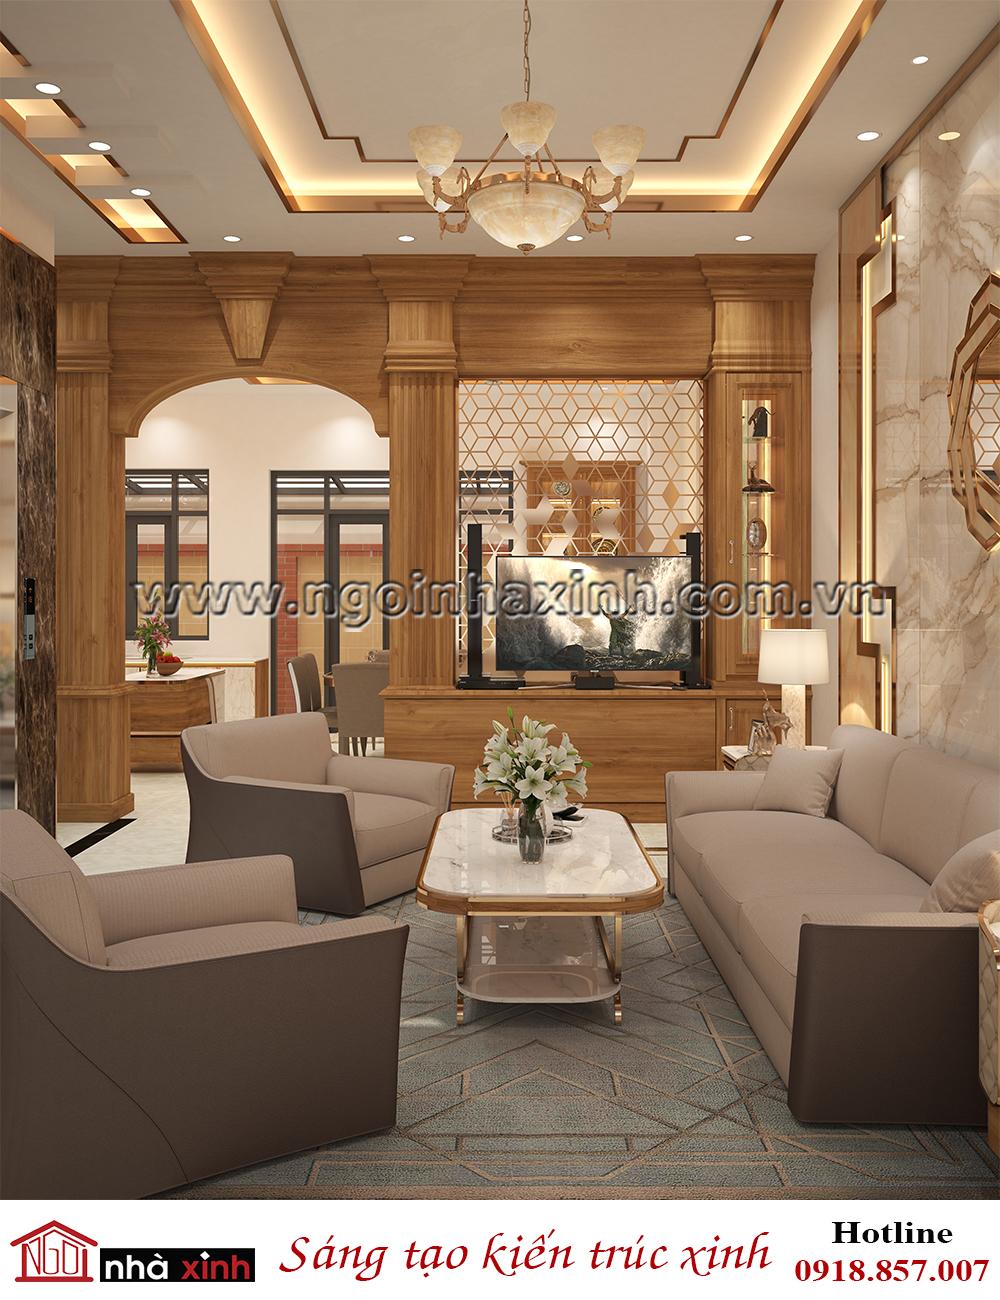 nội thất đẹp phòng khách phong cách Luxury do Nhà Xinh thiết kế